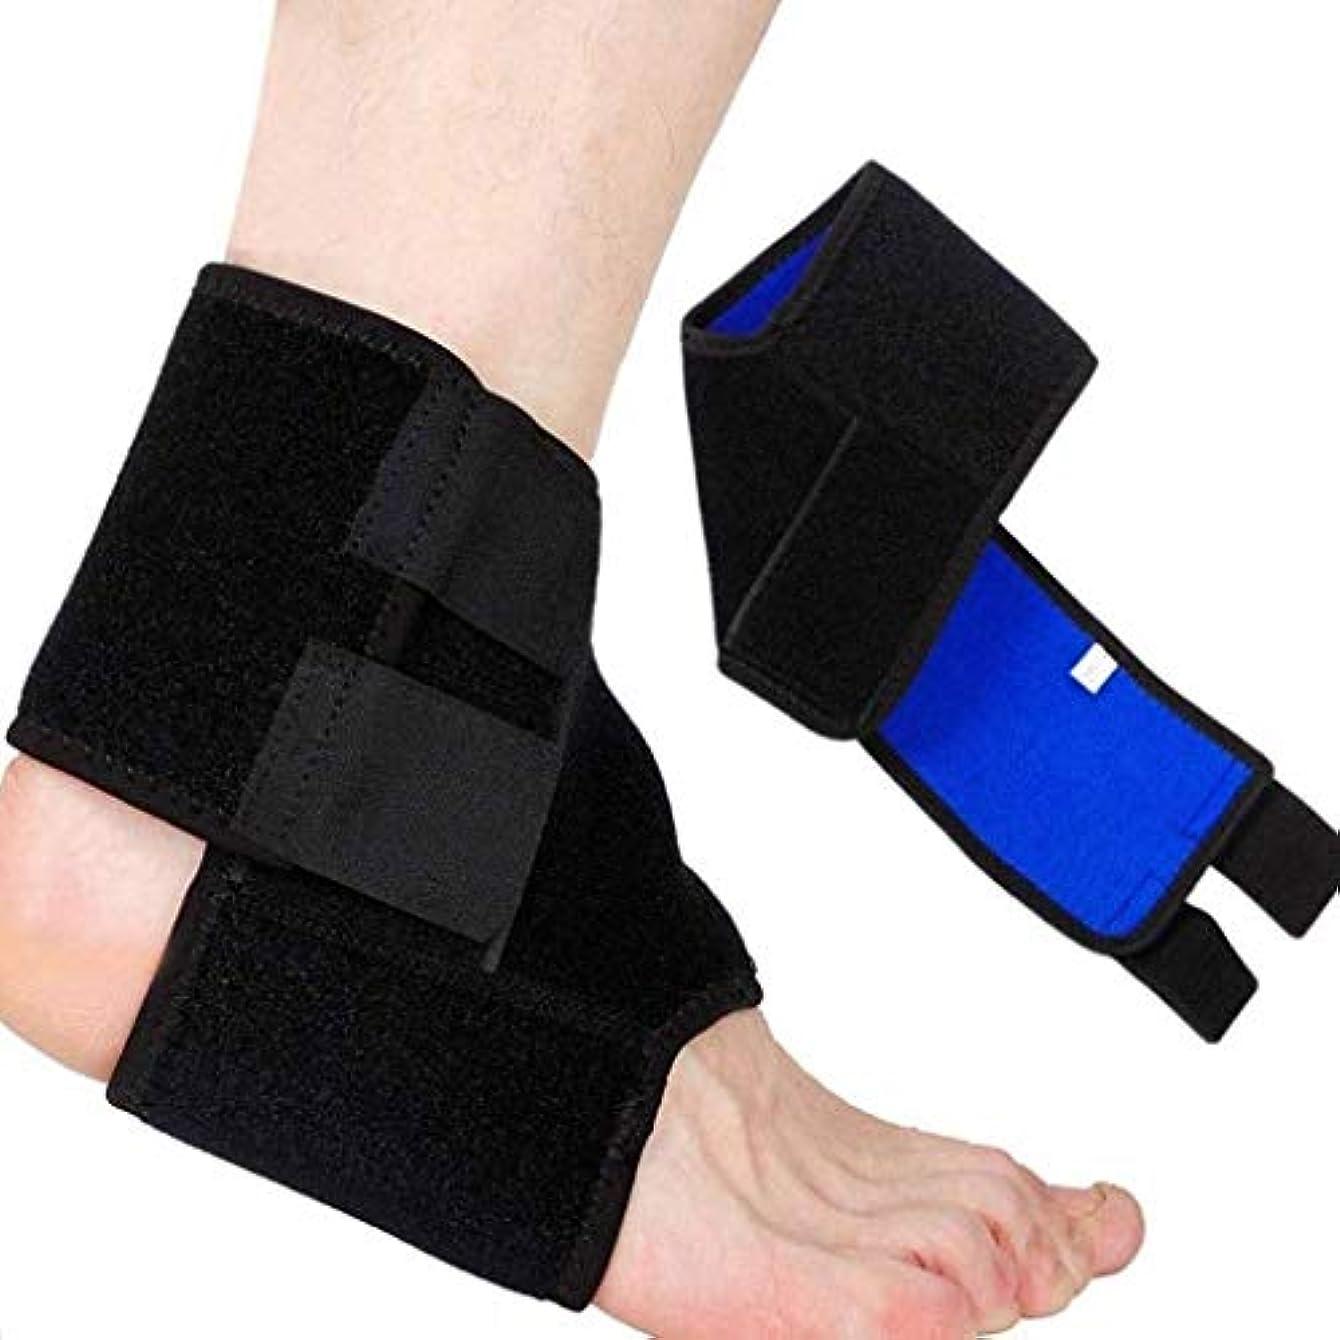 繁栄する鉛筆告発足首サポート、足首ブレース通気性ナイロン弾性素材スポーツ用足首ラップ、関節痛、捻rain疲労など